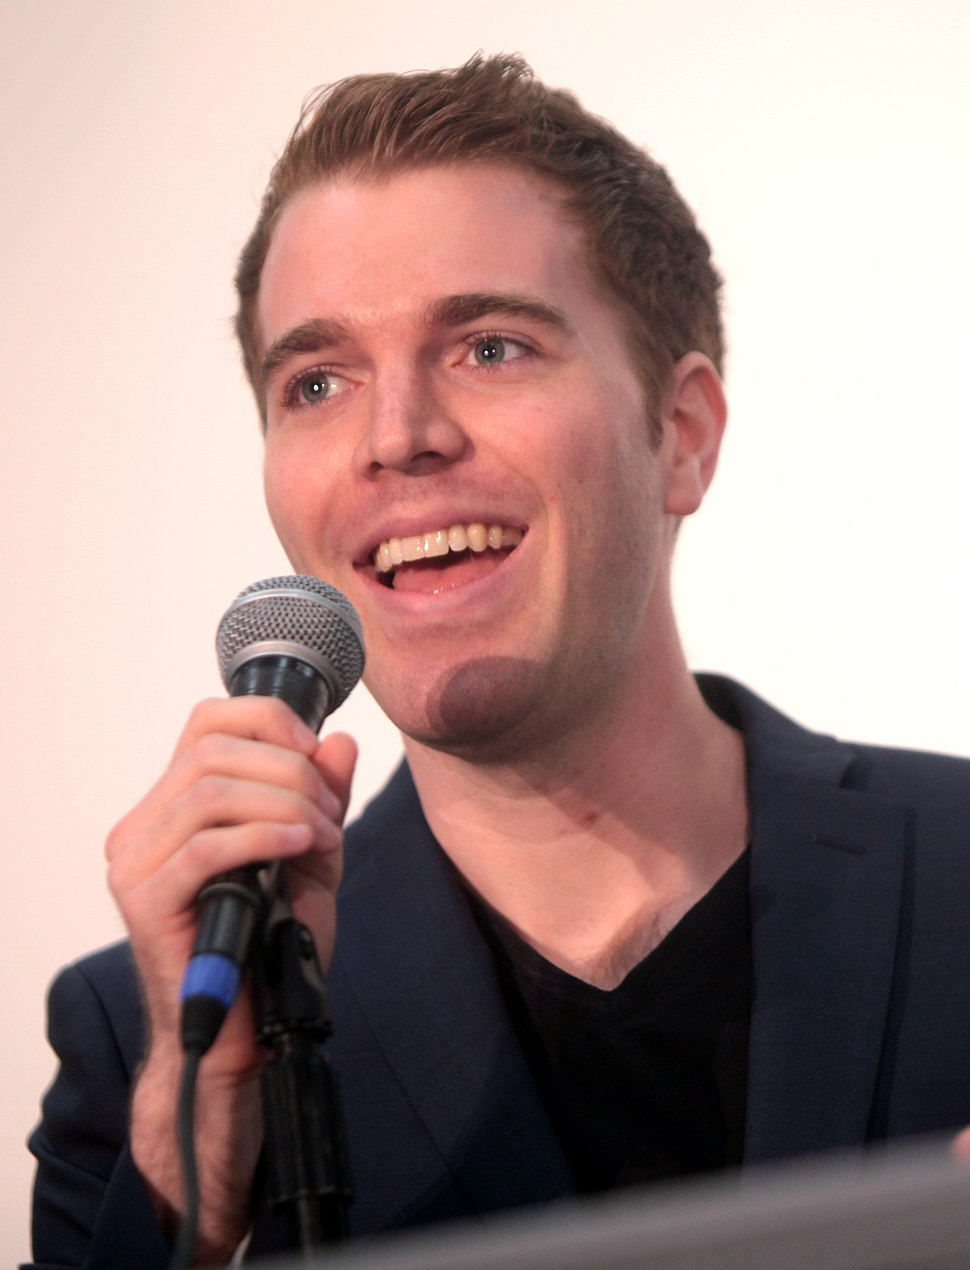 Shane Dawson (14558760423) (2) (cropped)